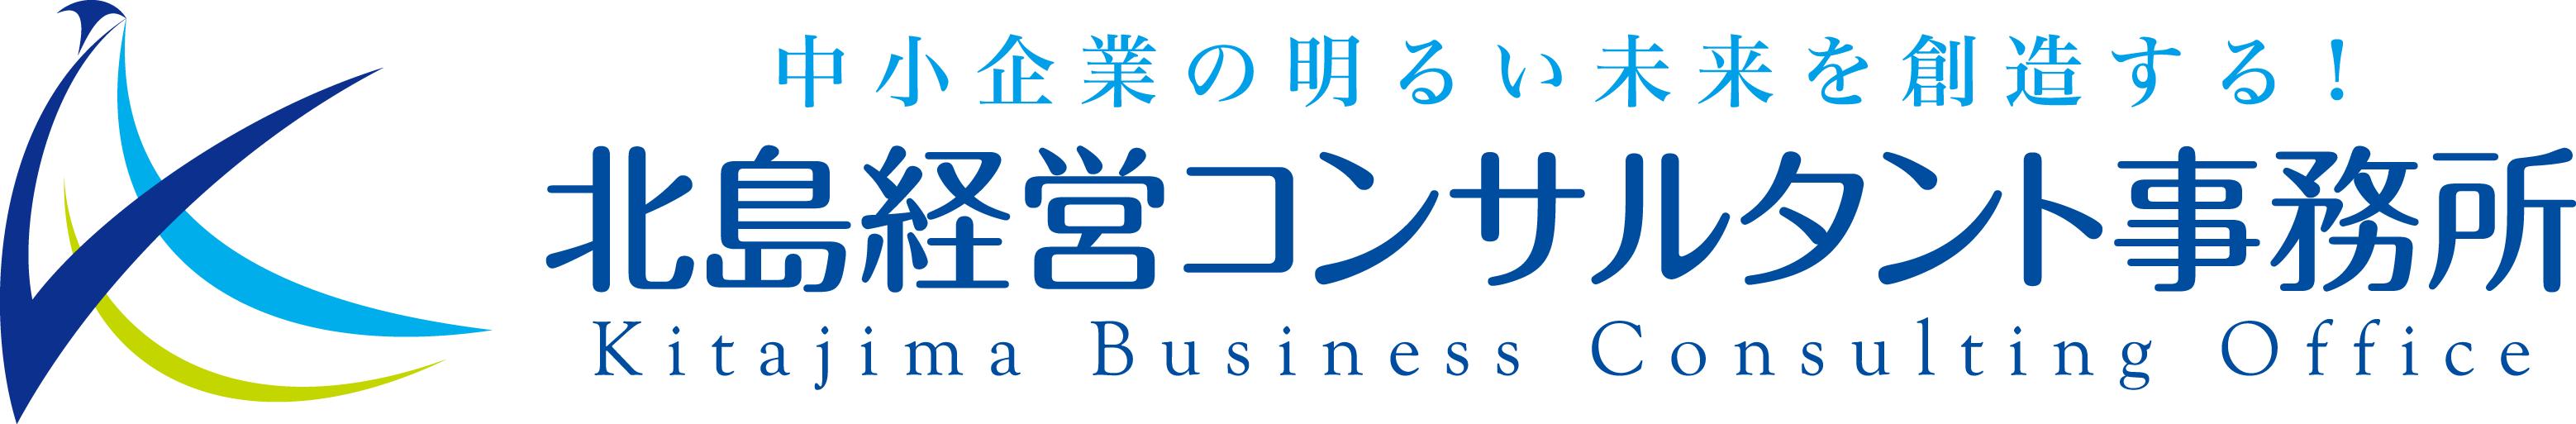 北島経営コンサルタント事務所 #中小企業診断士 北島德一のブログ